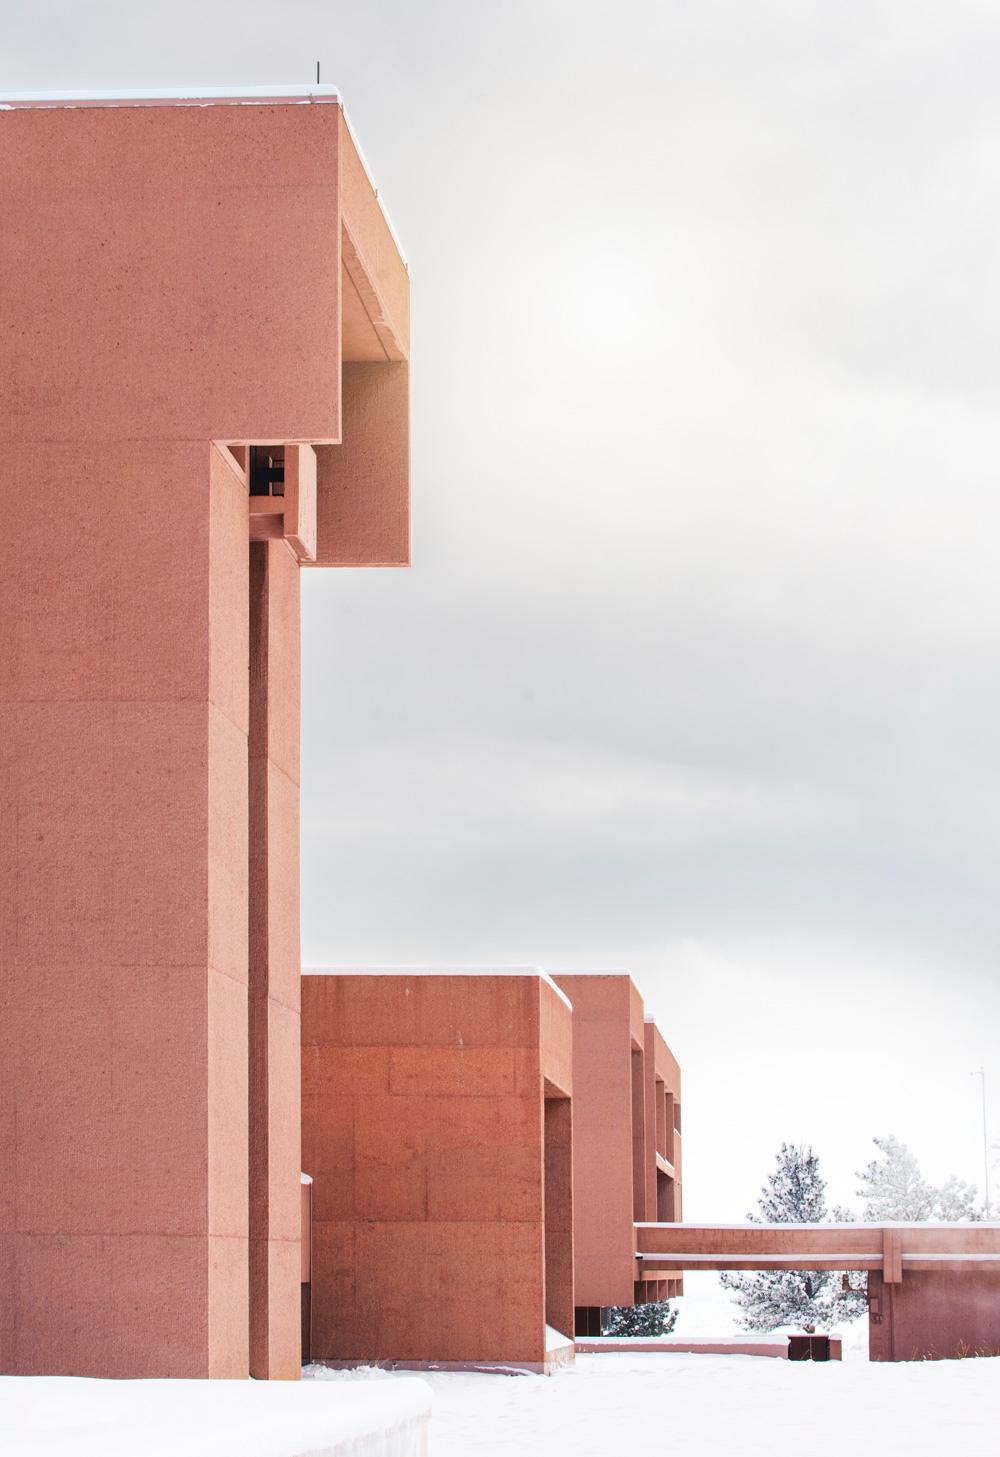 architecture, modernism, snowday - dscottclark | ello